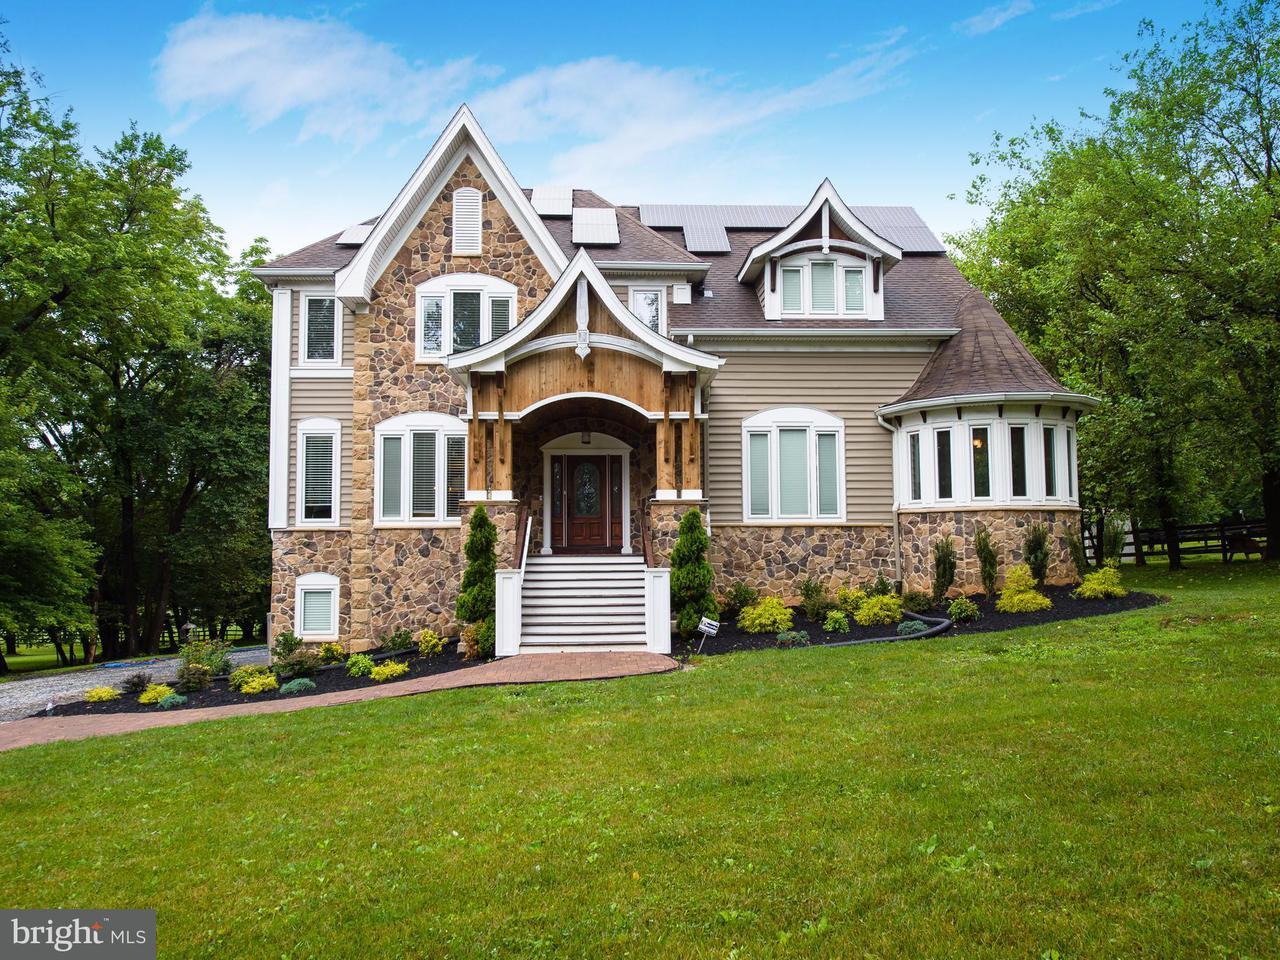 Maison unifamiliale pour l Vente à 14910 BUSHY PARK Road 14910 BUSHY PARK Road Woodbine, Maryland 21797 États-Unis